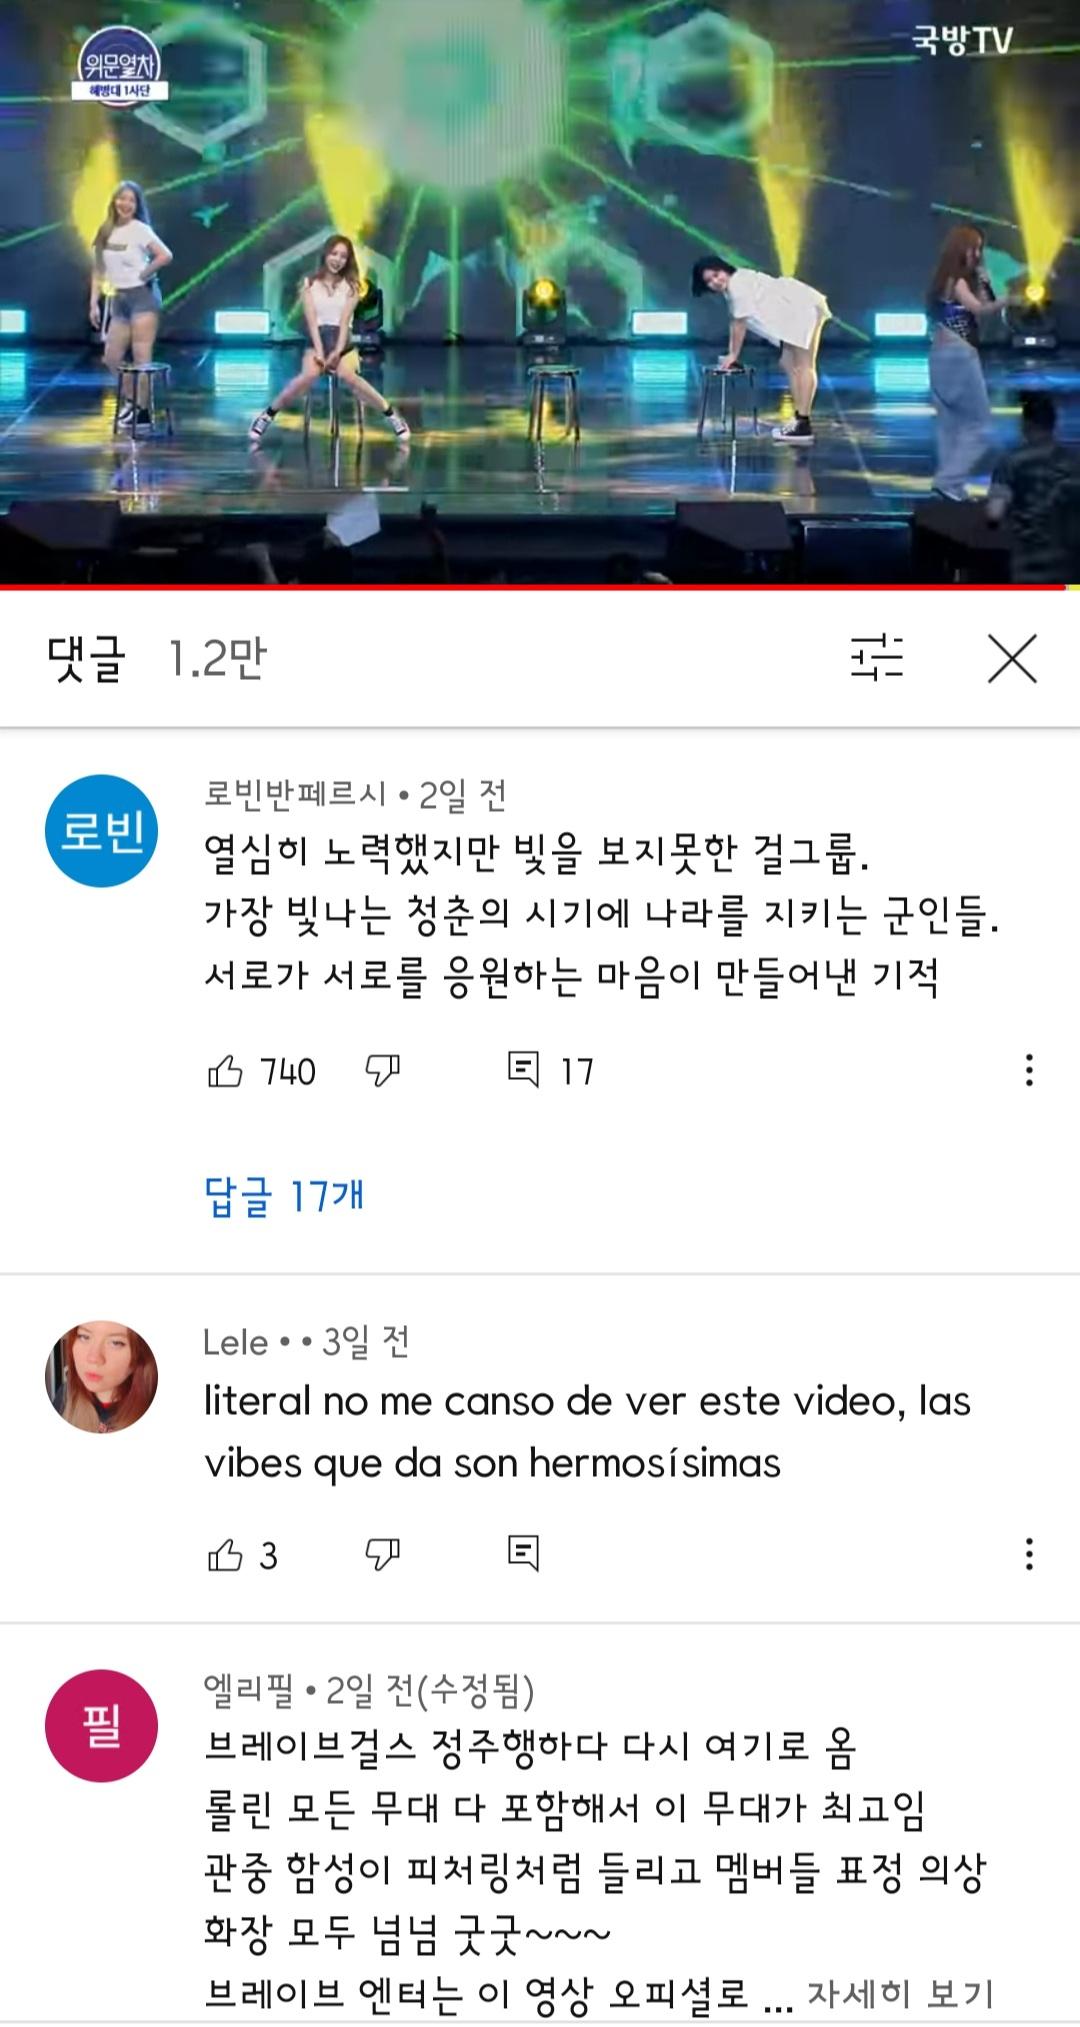 롤린(브레이브걸스) : 역주행 걸그룹, 아이돌 관심없지만 승승장구하길 바란다.